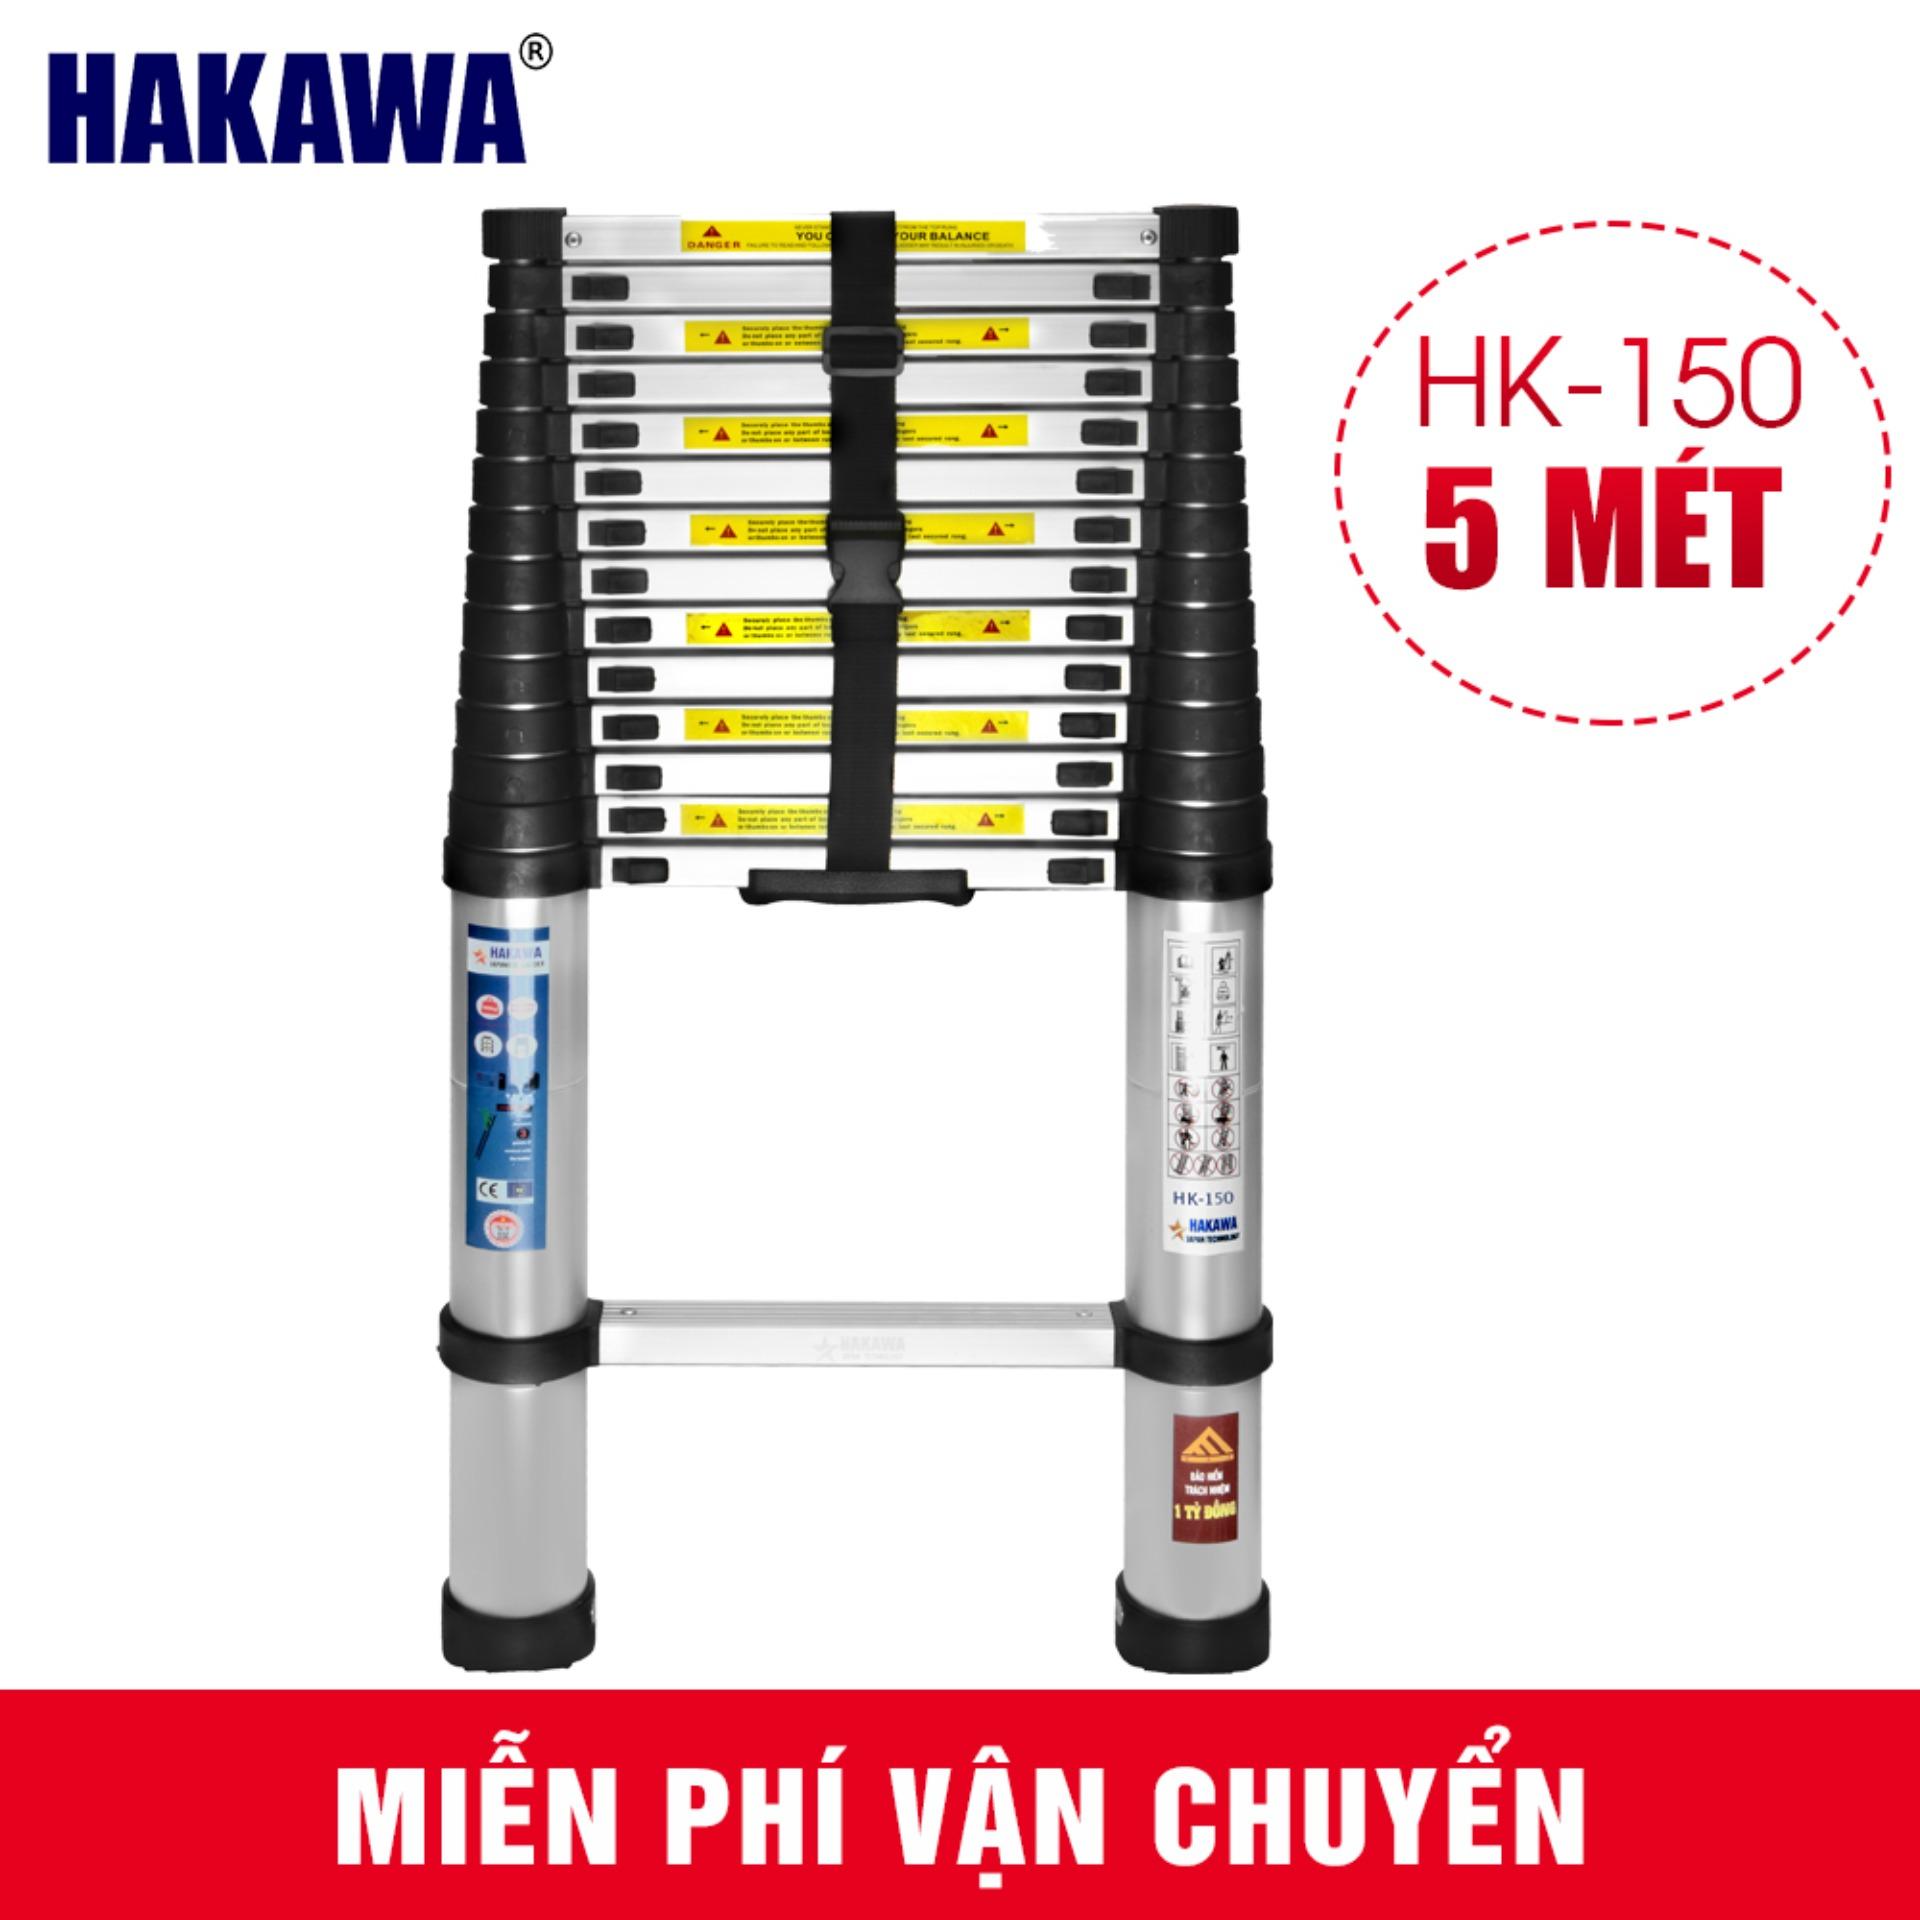 [MIEN PHI GIAO HÀNG TOÀN QUỐC] Thang nhôm rút gọn HAKAWA HK150  - độ bền cao , sản xuất theo công nghệ Nhật Bản